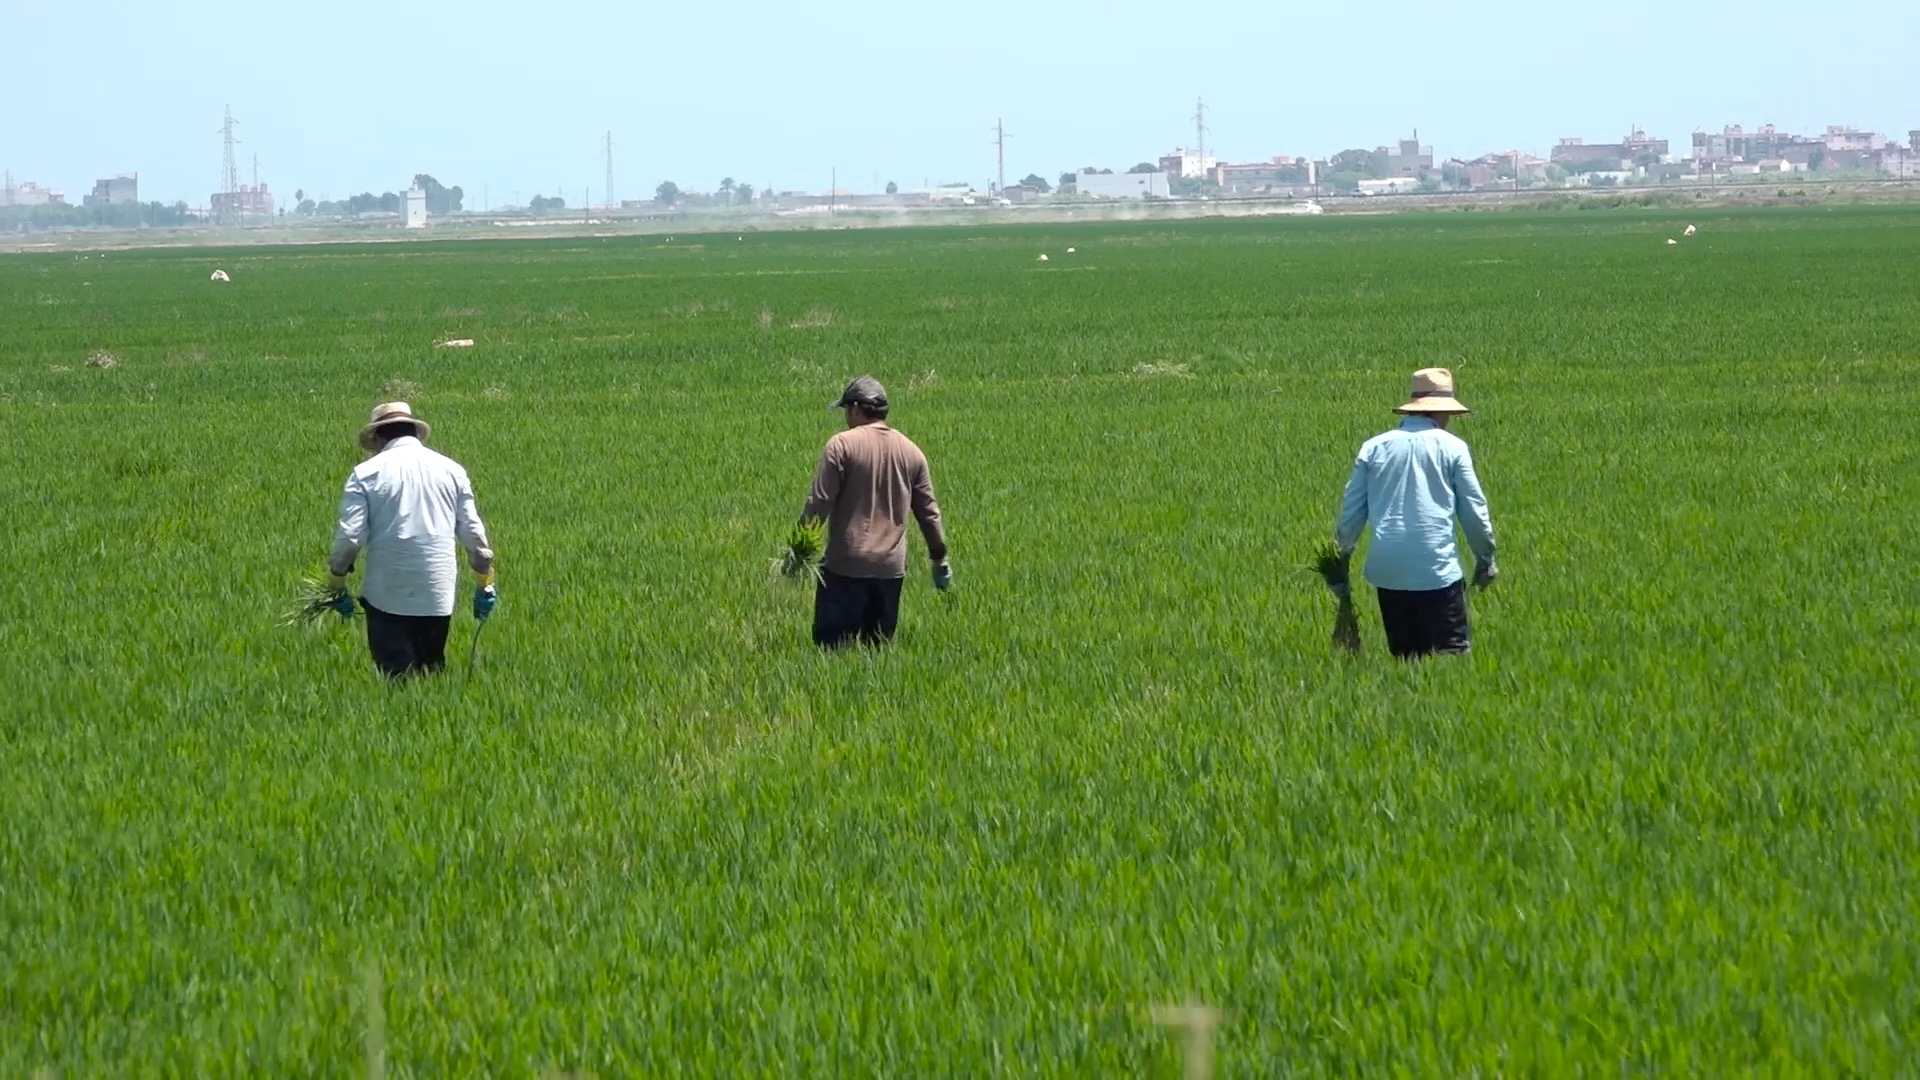 L'engagement de l'UE en termes d'innovation agroalimentaire profite également au consommateur